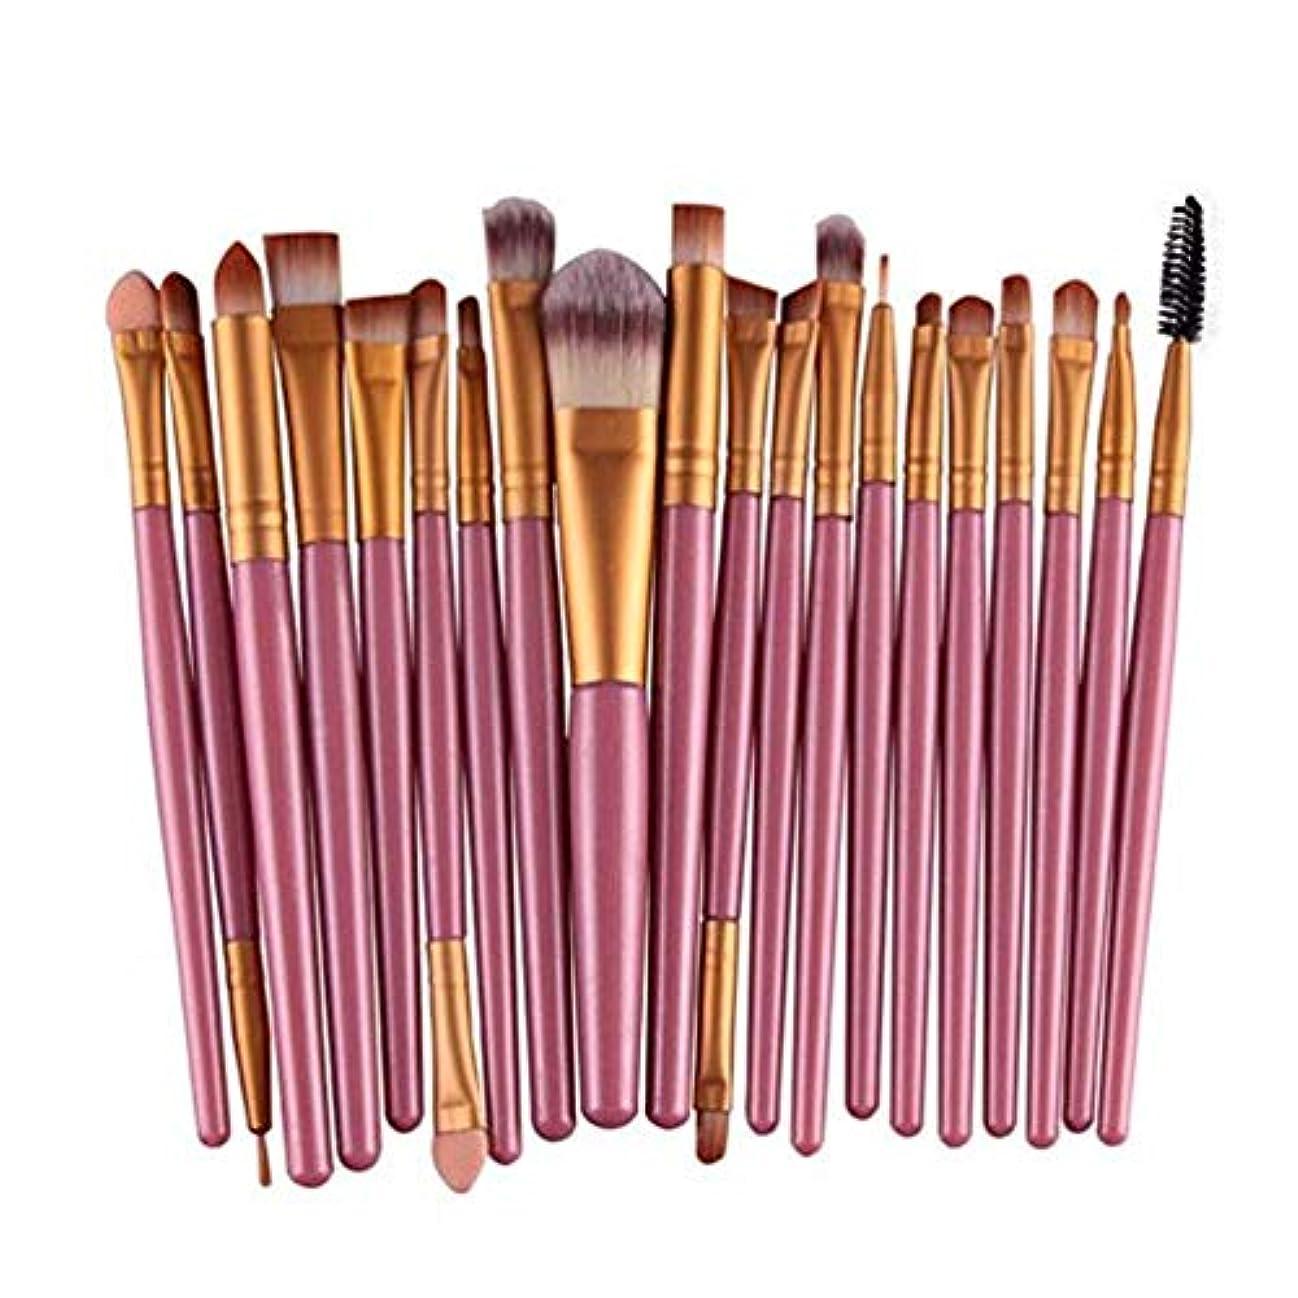 六分儀優れました動機付けるアイシャドウブラシセット20ピース化粧アイブラシアイシャドウブレンドブラシアイブロウアイライナーリップブラシ美容ブラシ、ギフトに最適 (Color : Pink)